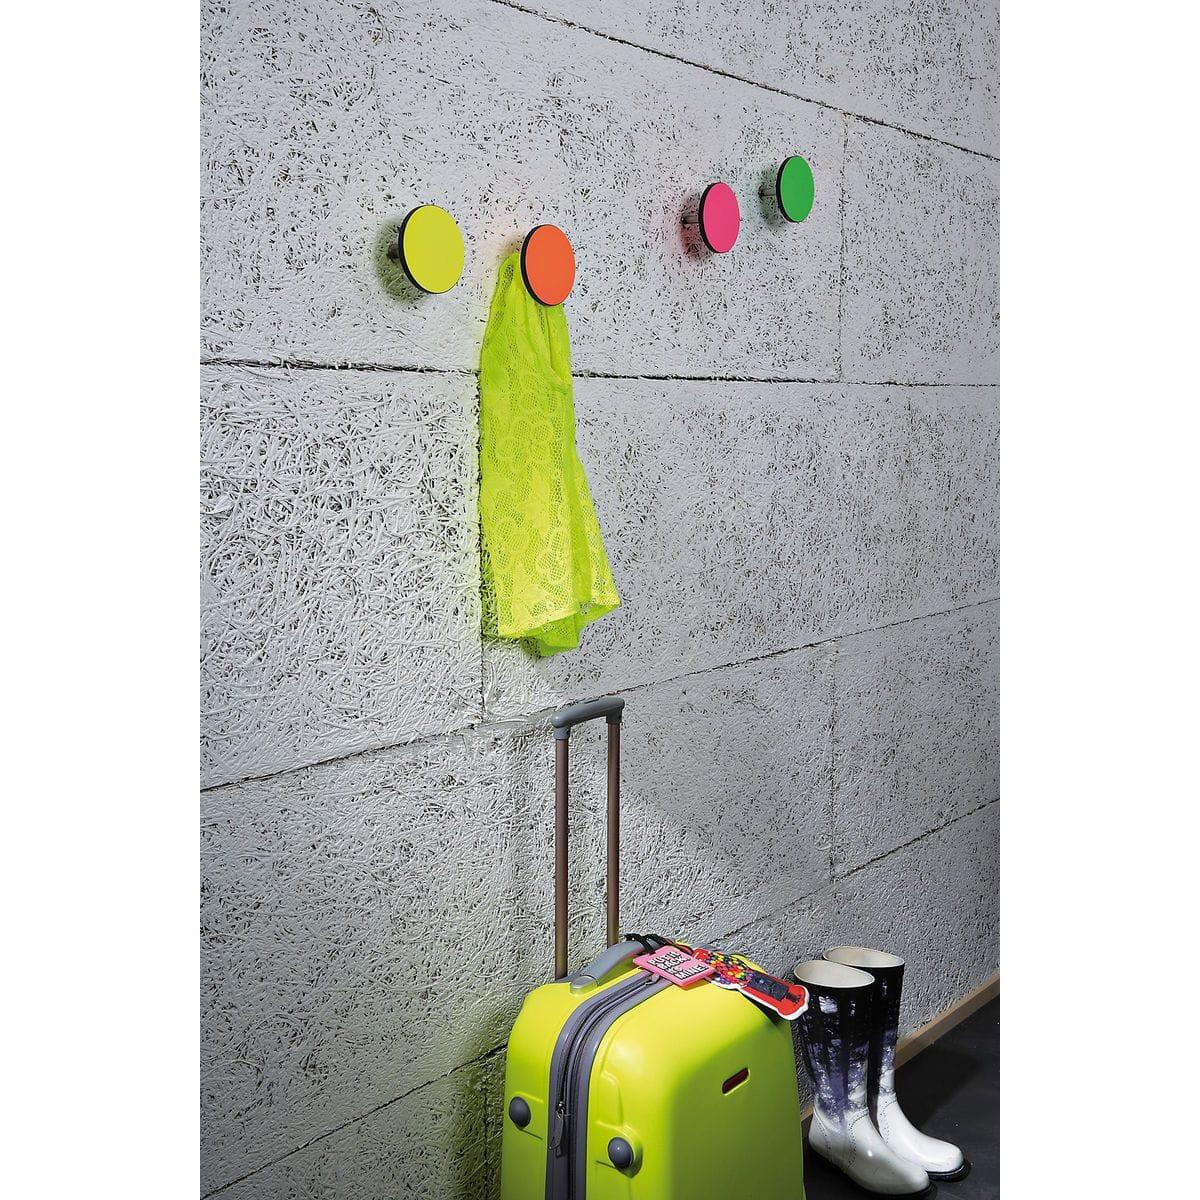 Serie appendiabiti a forma circolare della collezione Art-Up con pomello in acciaio inox e appendiabiti HPL di colore fluorescente